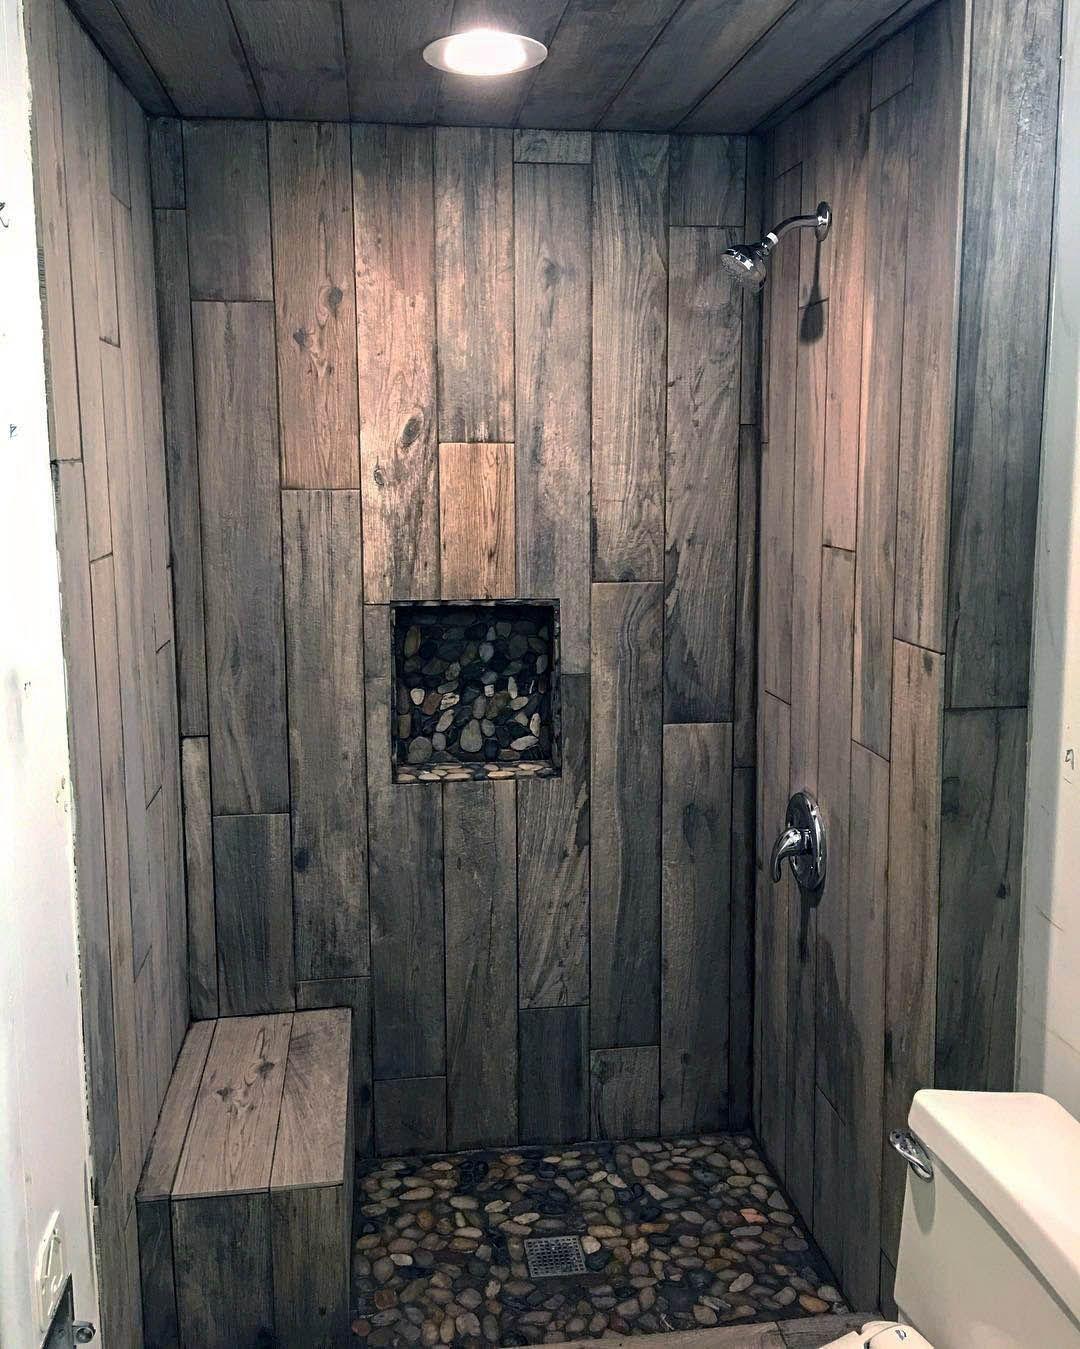 New Bathroom Shower Tile Ideas White Exclusive On Smart Home Decor Showerstallrenovat Rustic Bathroom Shower Bathroom Shower Design Farmhouse Shower